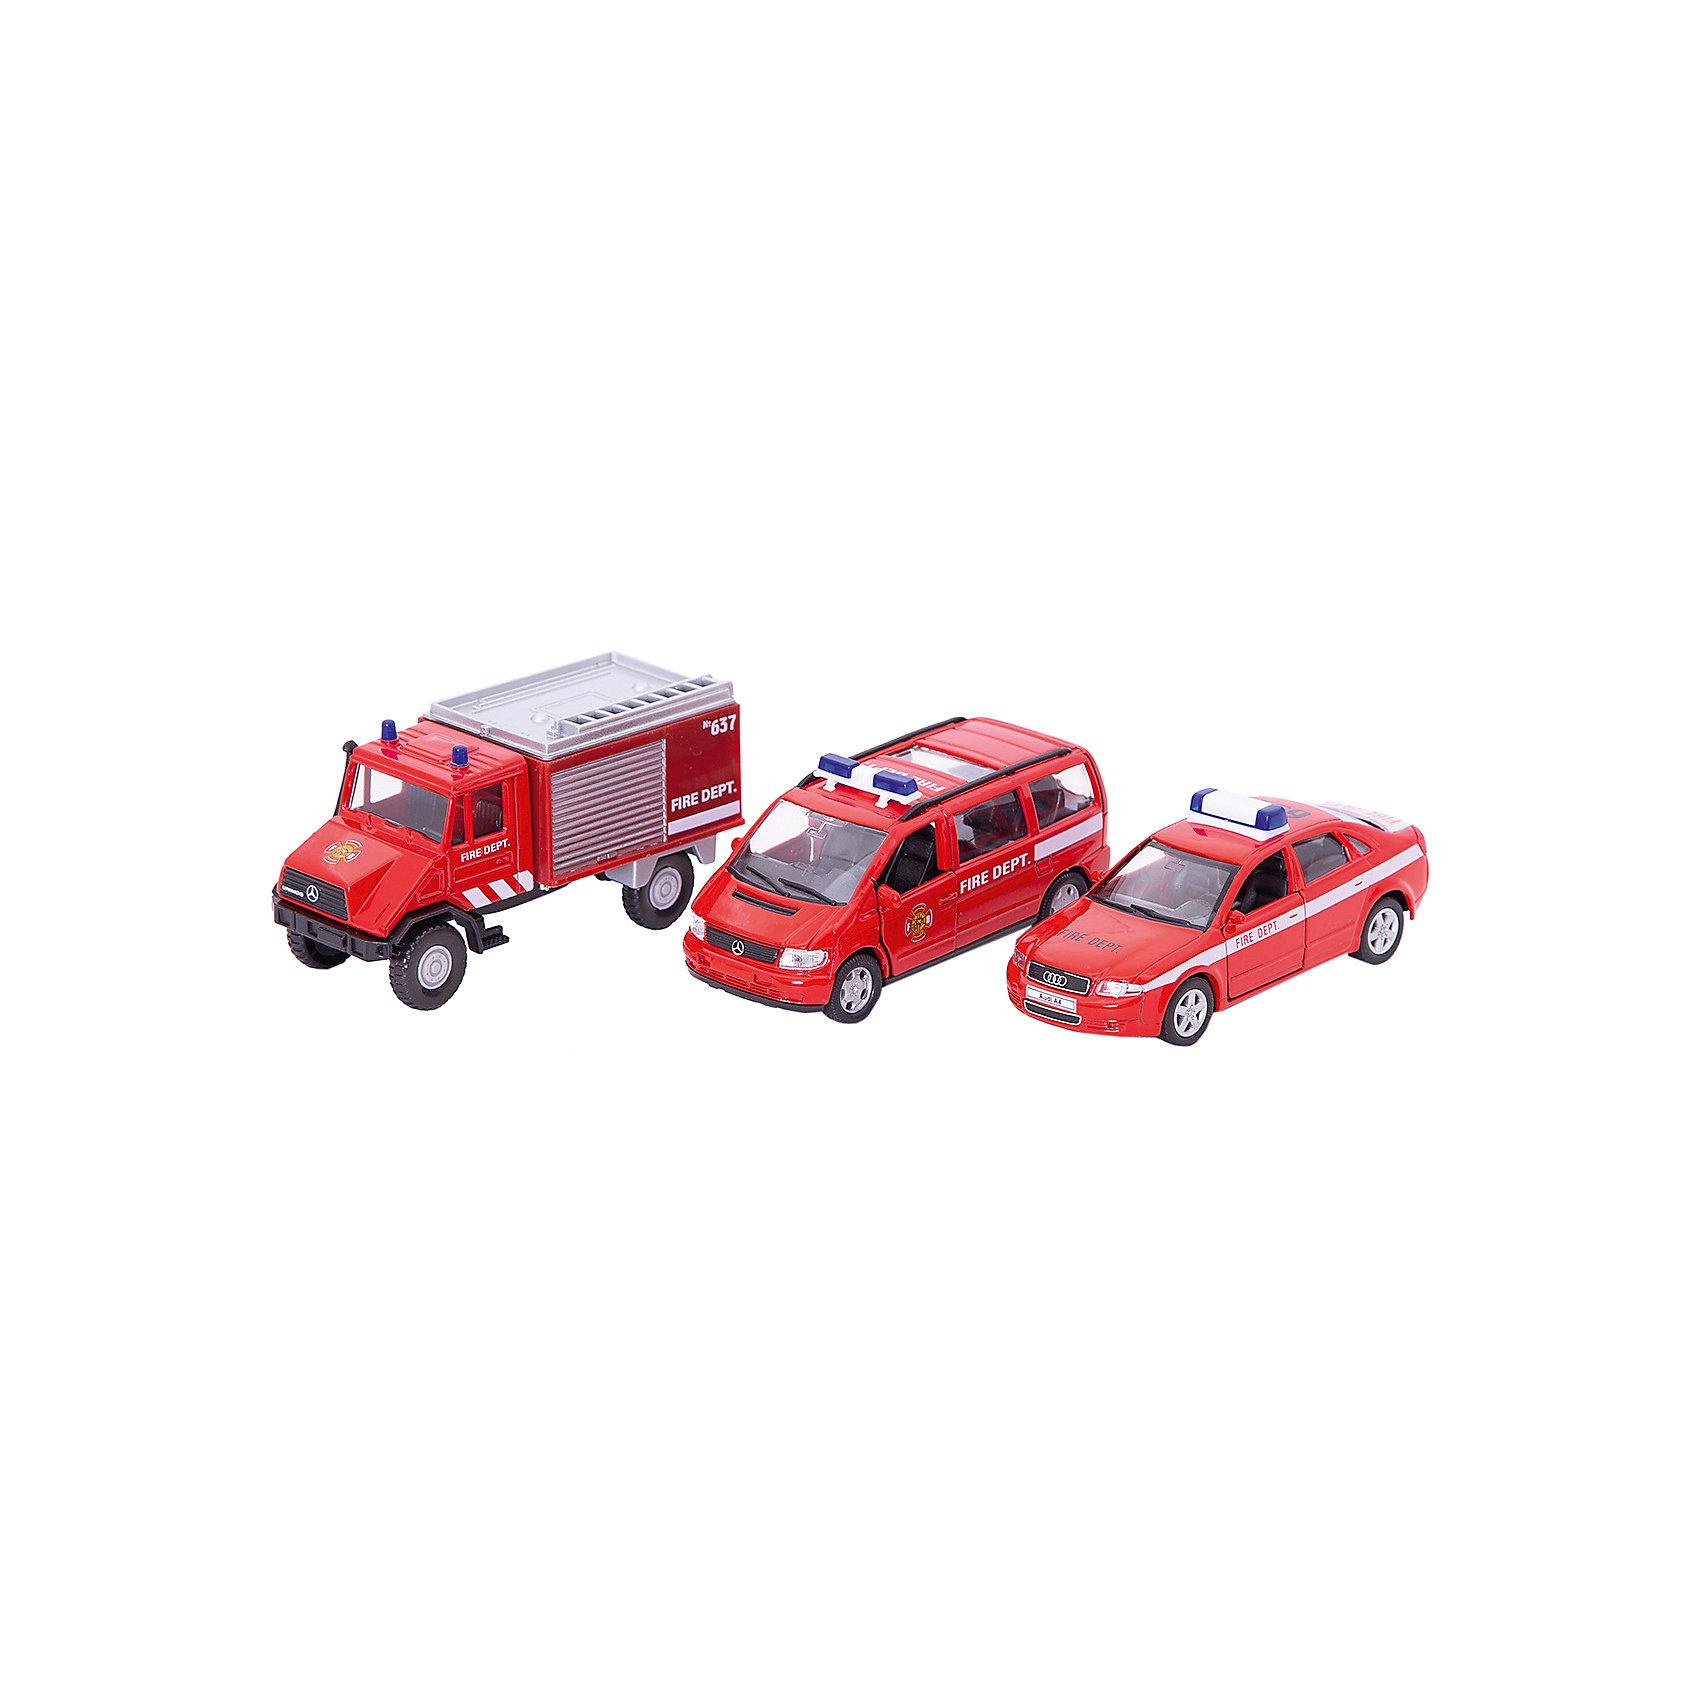 Welly Набор машин Пожарная служба 3 штукиХарактеристики товара:<br><br>• цвет: красный<br>• материал: пластик, металл <br>• размер: 10-13 см<br>• комплектация: 3 предмета<br>• хорошая детализация<br>• возраст: от трех лет<br>• страна бренда: Китай<br>• страна производства: Китай<br><br>В этот игровой набор входит 3 предмета в тематике Пожарная служба - разные машинки. Такая хорошо детализированная игрушка от бренда Welly станет отличным подарком мальчику. Изделия прочные, сделаны из металла с добавлением пластика. С ними можно придумать множество игр!<br>Игры с машинками позволяют ребенку не только весело проводить время, но и развивать важные навыки: мелкую моторику, воображение, логику, мышление. Изделие произведено из сертифицированных материалов, безопасных для детей.<br><br>Набор машин Пожарная служба 3 штуки от бренда Welly (Велли) можно купить в нашем интернет-магазине.<br><br>Ширина мм: 155<br>Глубина мм: 60<br>Высота мм: 200<br>Вес г: 454<br>Возраст от месяцев: 84<br>Возраст до месяцев: 1188<br>Пол: Мужской<br>Возраст: Детский<br>SKU: 2150027